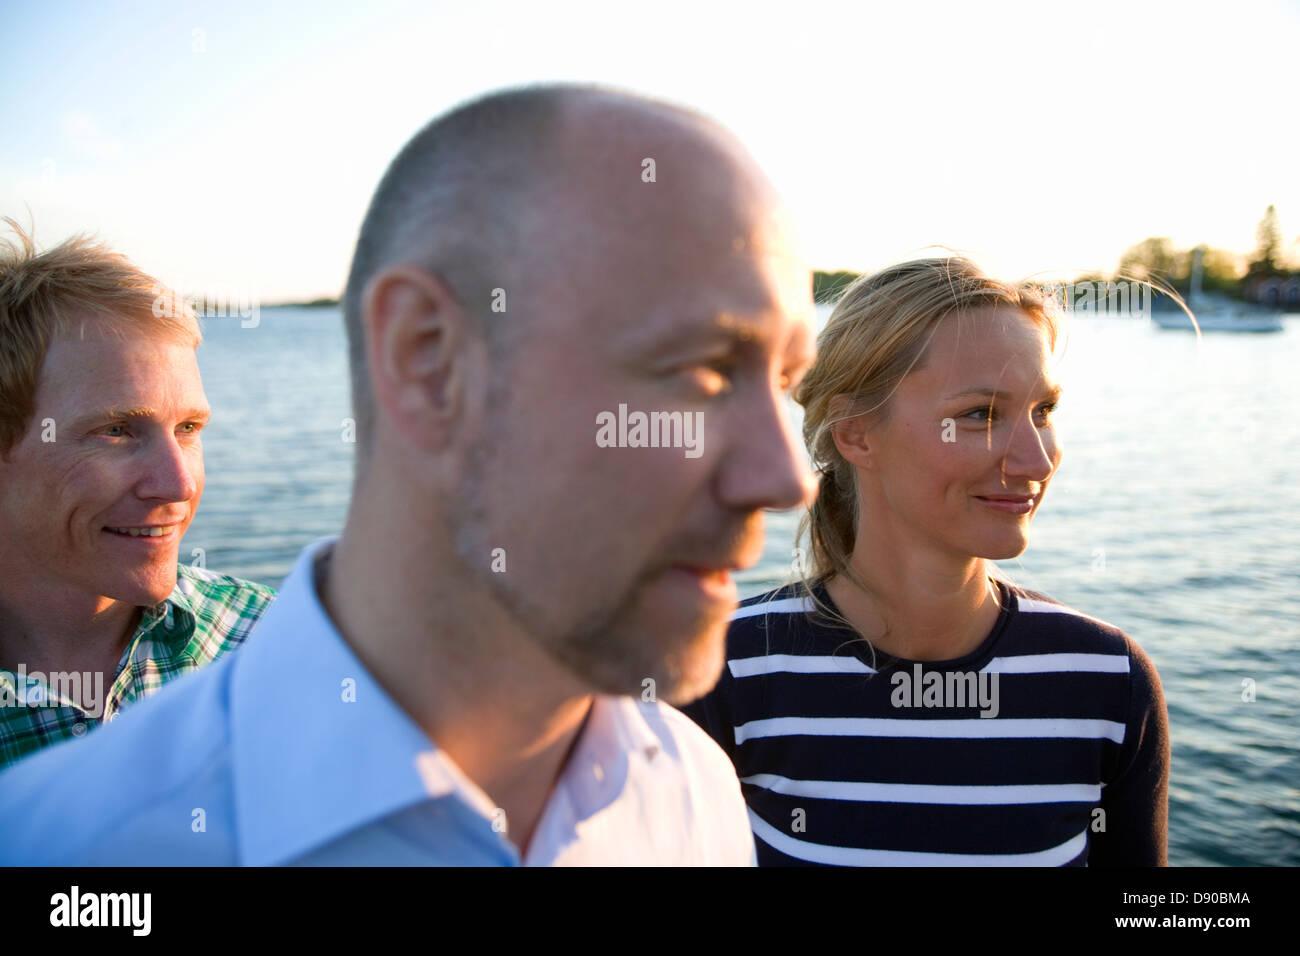 Drei Personen stehend von den Schären von Wasser, Fejan, Stockholm, Schweden. Stockfoto